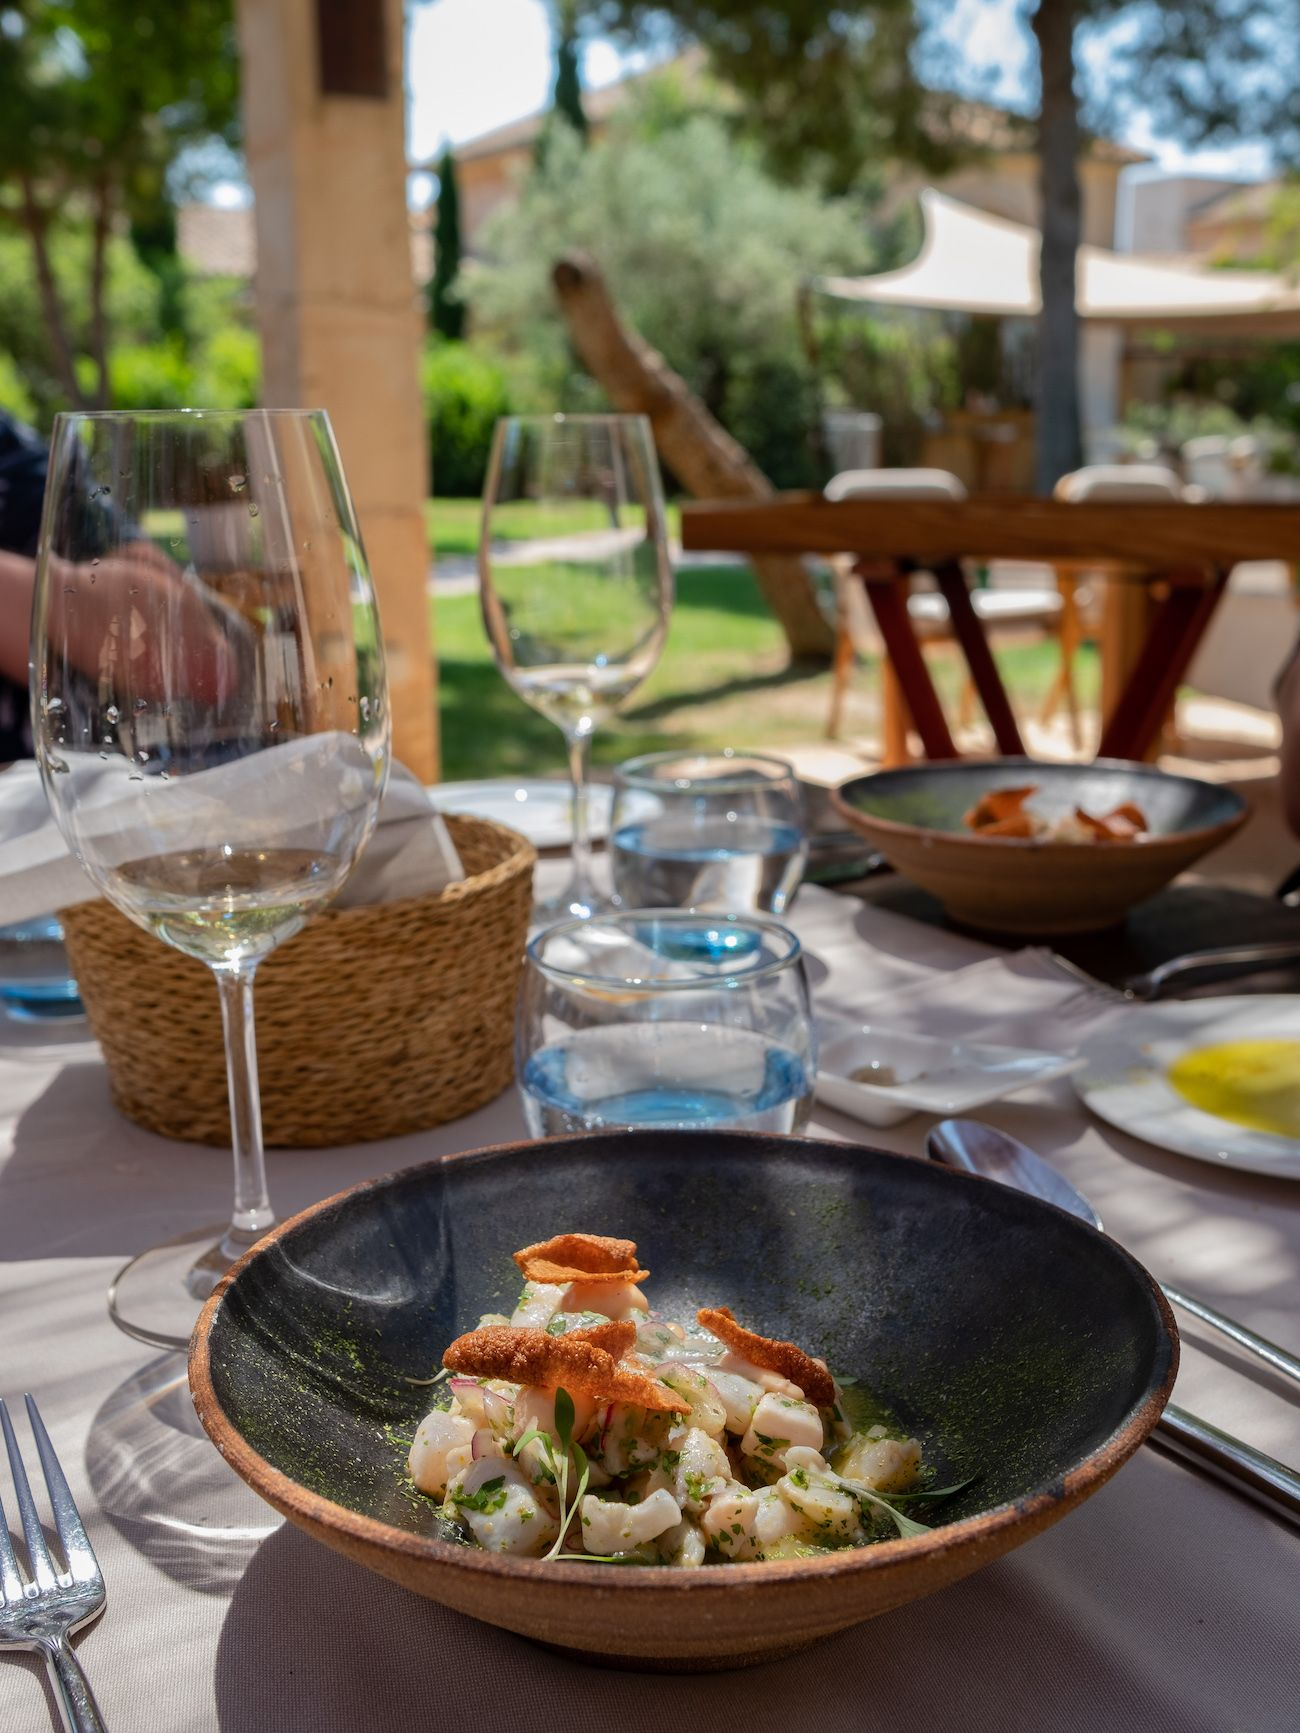 About Fuel, Foodblog, Leckerbissen, Flor de Sal D'es Trenc, Fontsanta, Ceviche, Mallorca